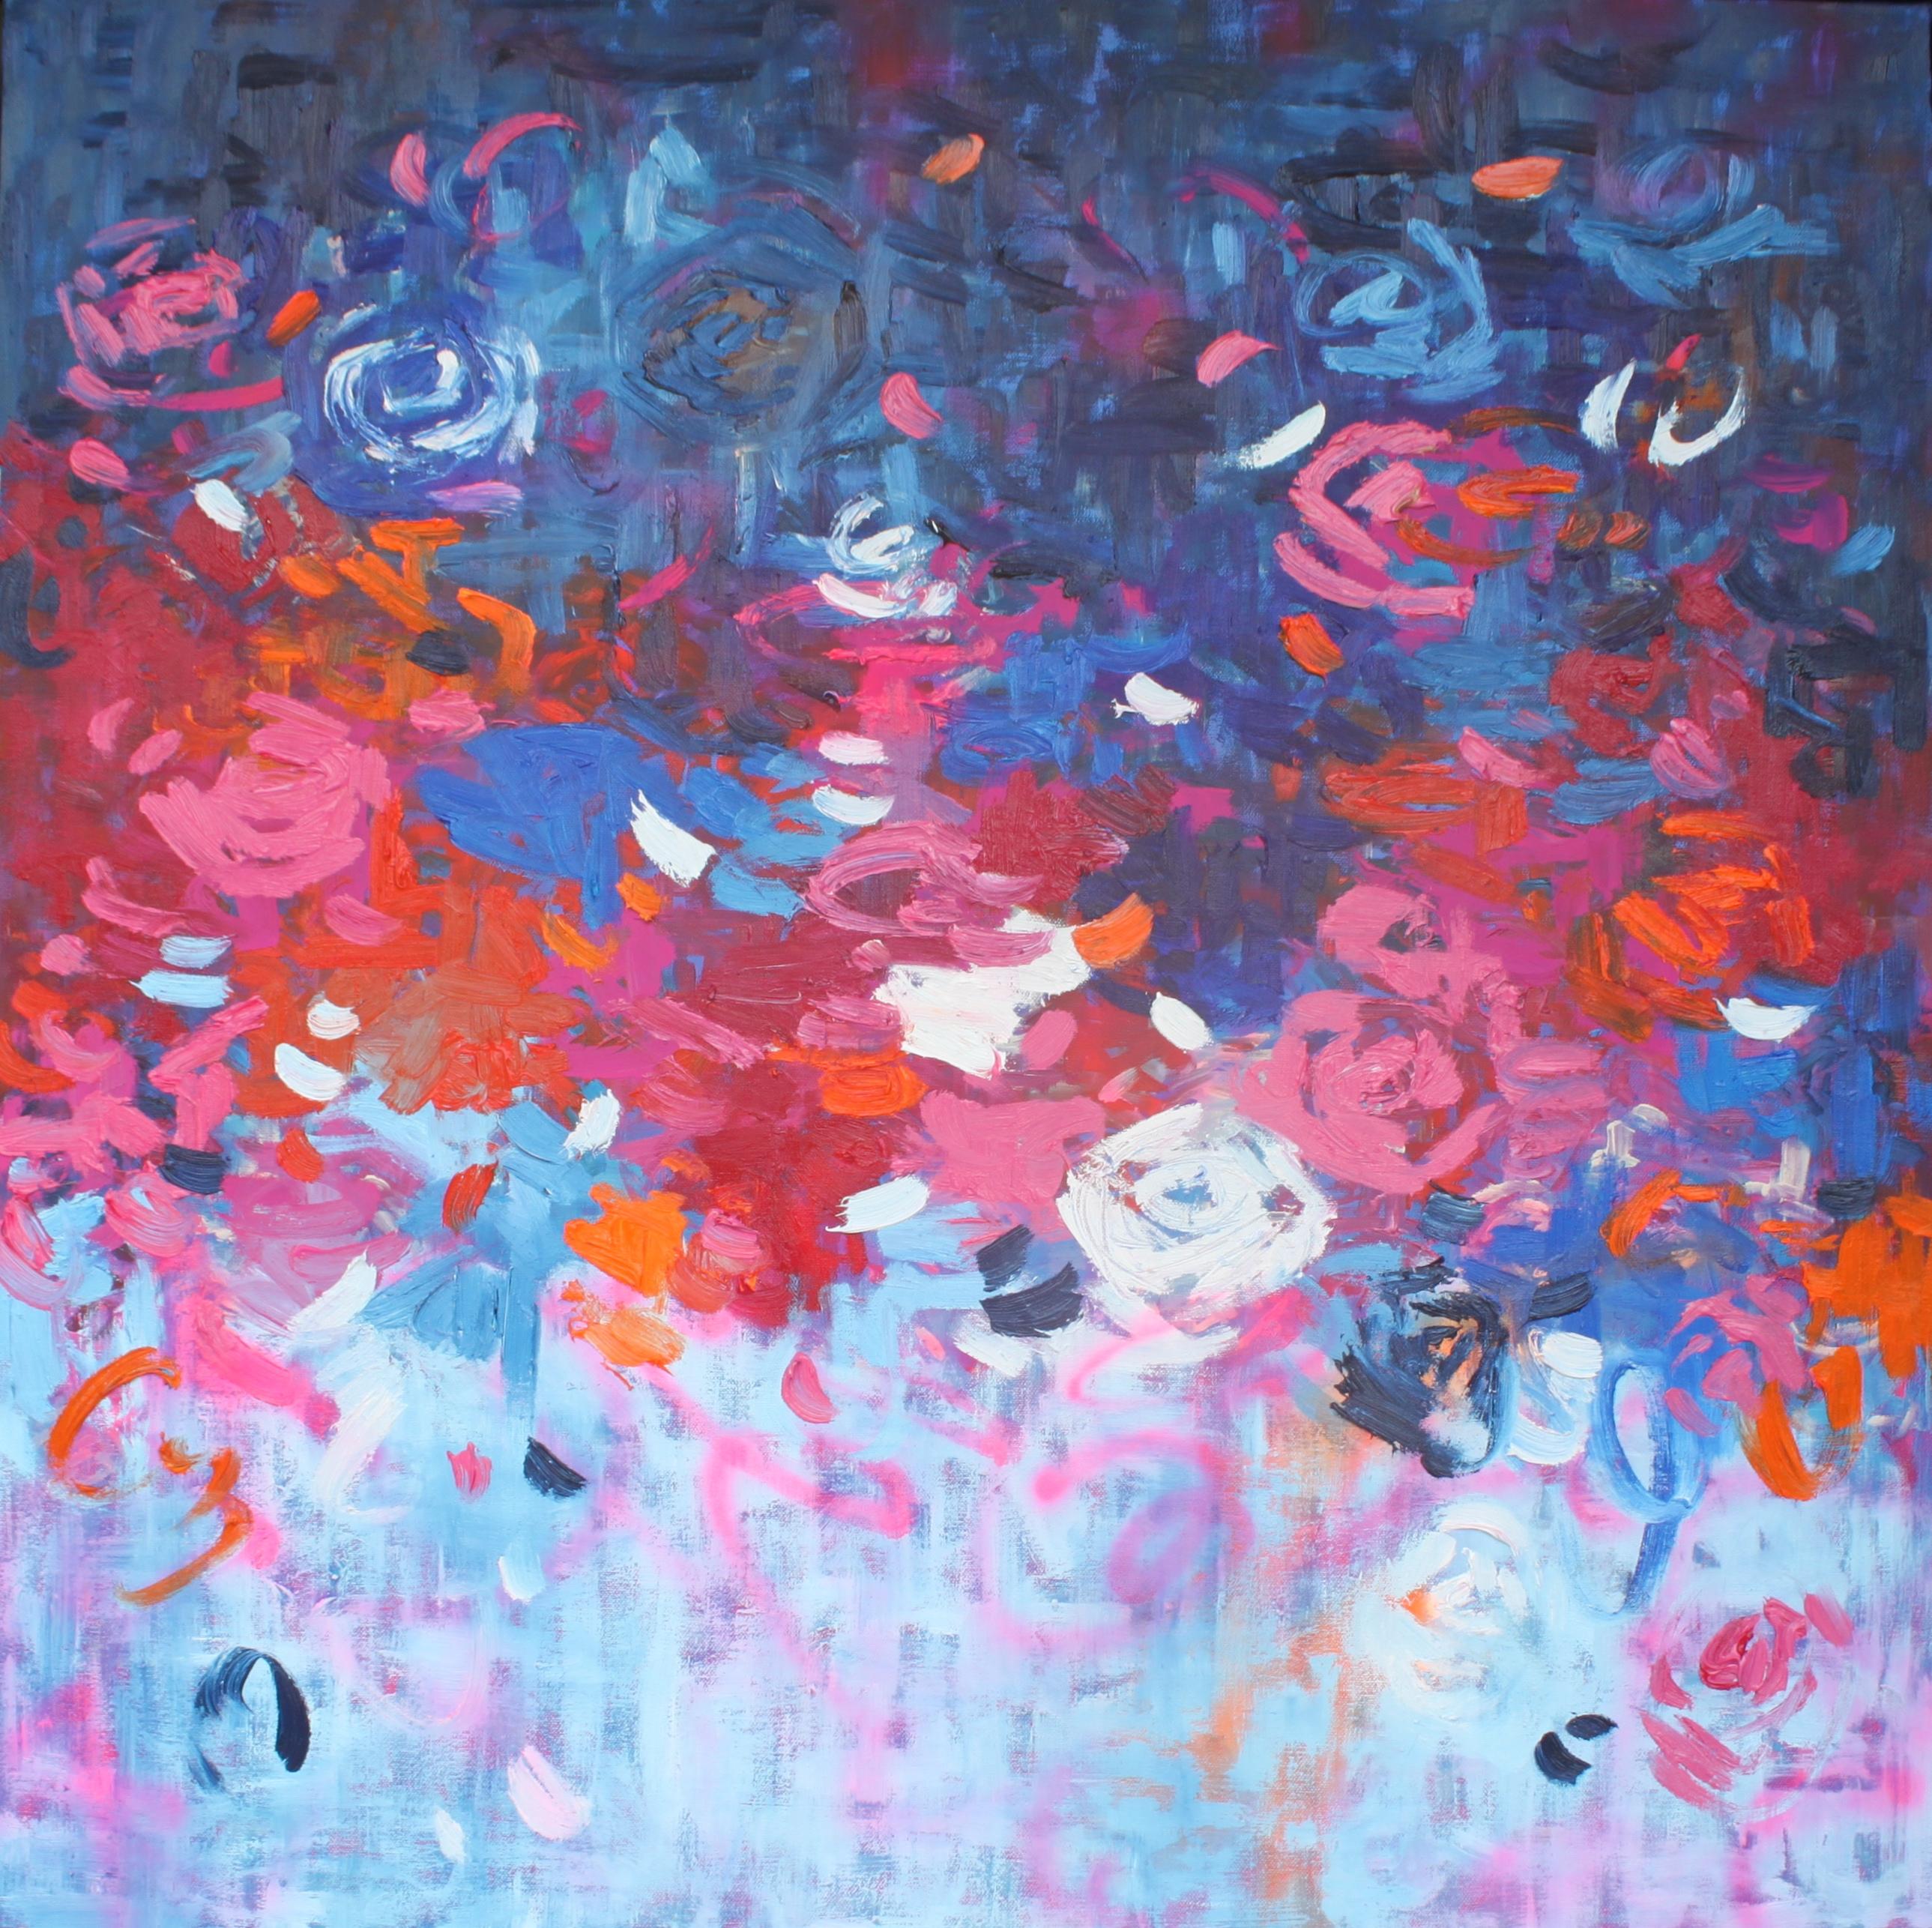 Belinda Nadwie Art Abstract Painting Sugar Is Sweet